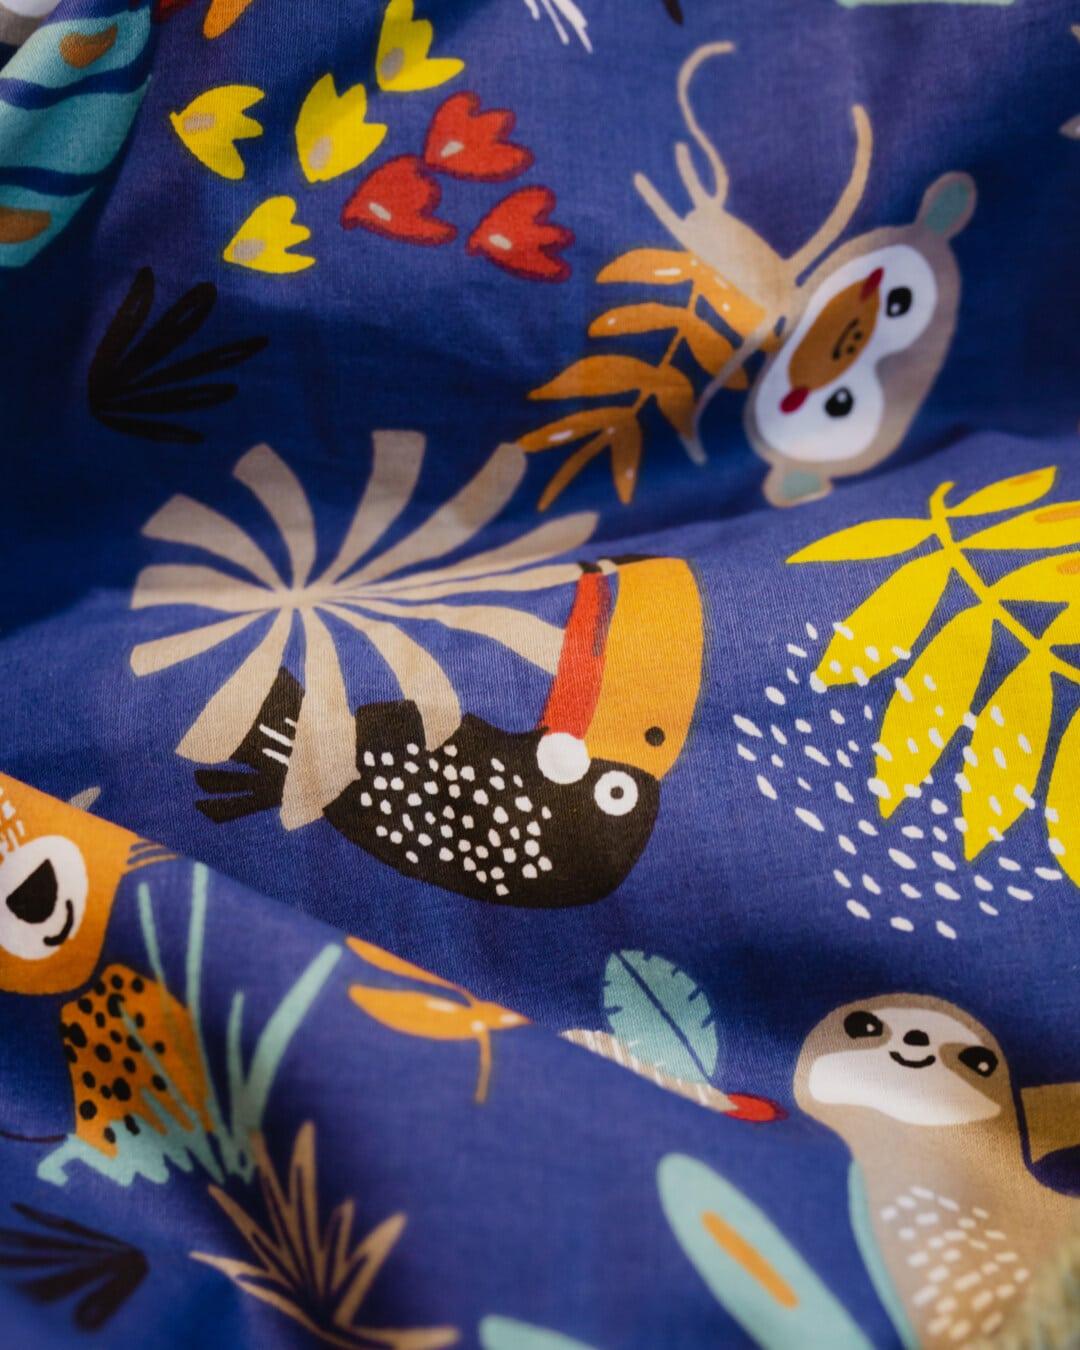 Textil-, Tiere, Baumwolle, Textur, Design, Stoff, Muster, Farbe, Nähen, Kunst